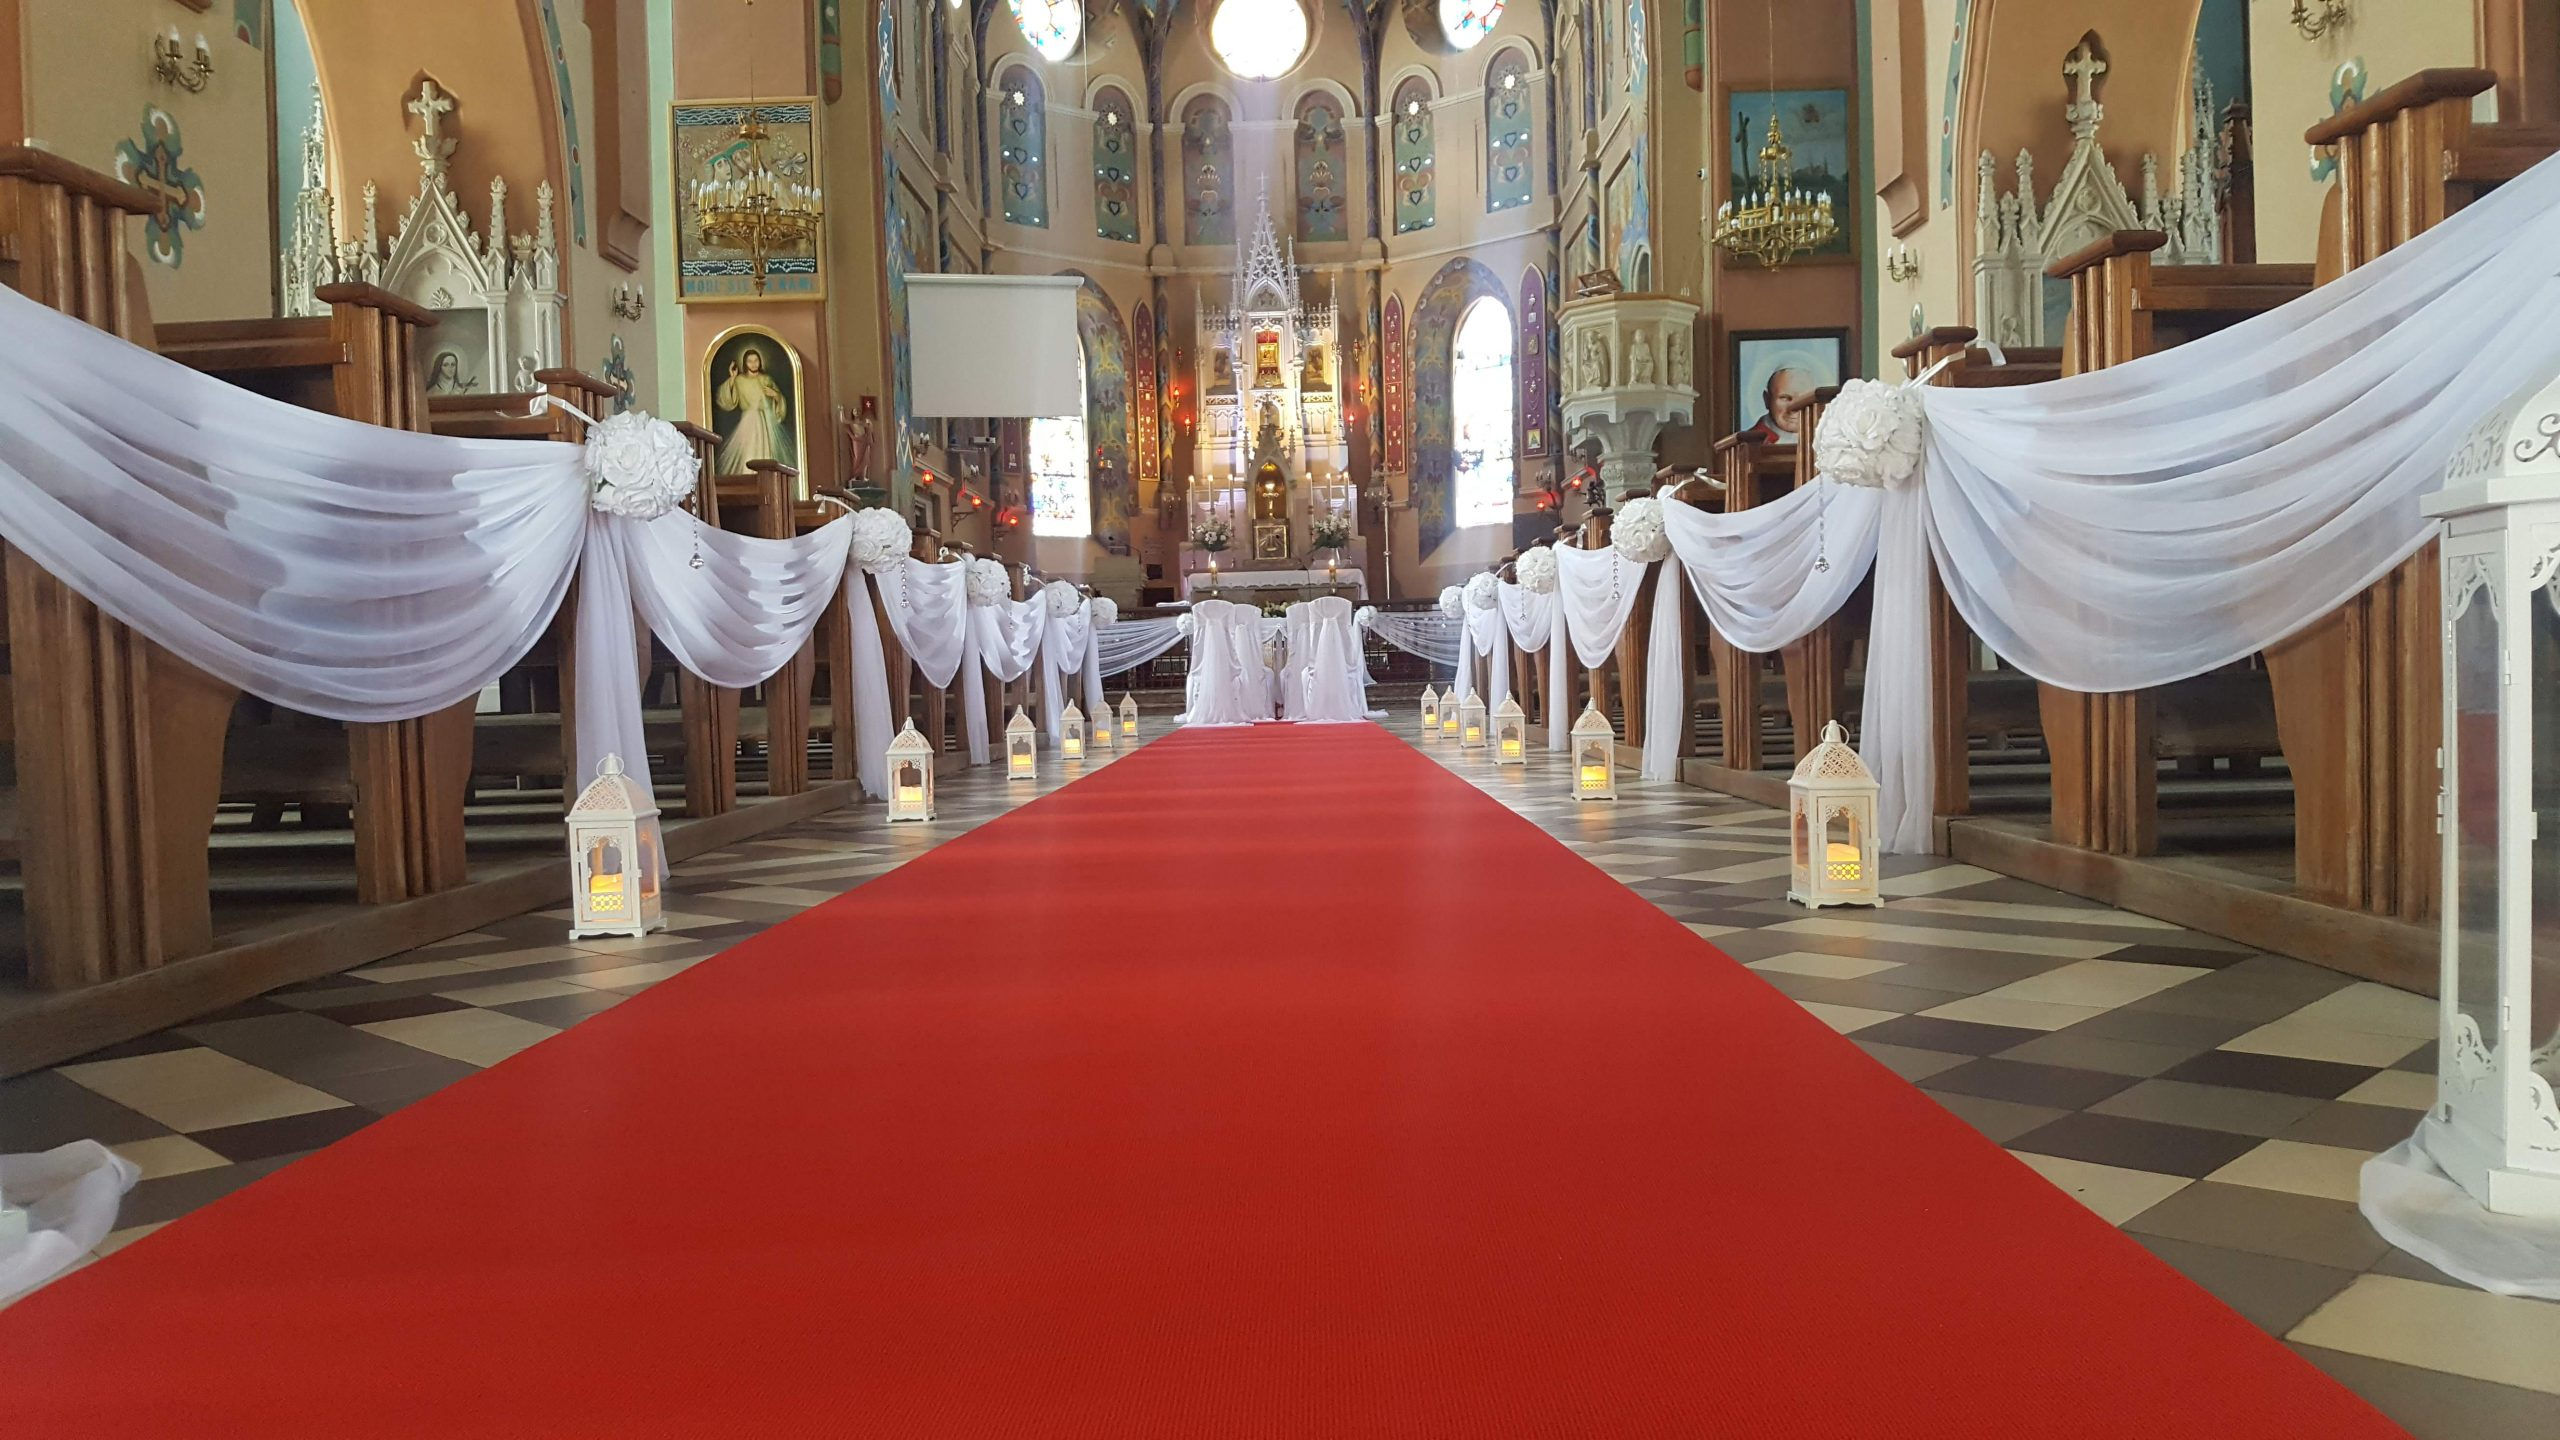 Czerwony Dywan na Ślub - wypozyczenie-dekoracji, dywany - 20180616 134435 scaled